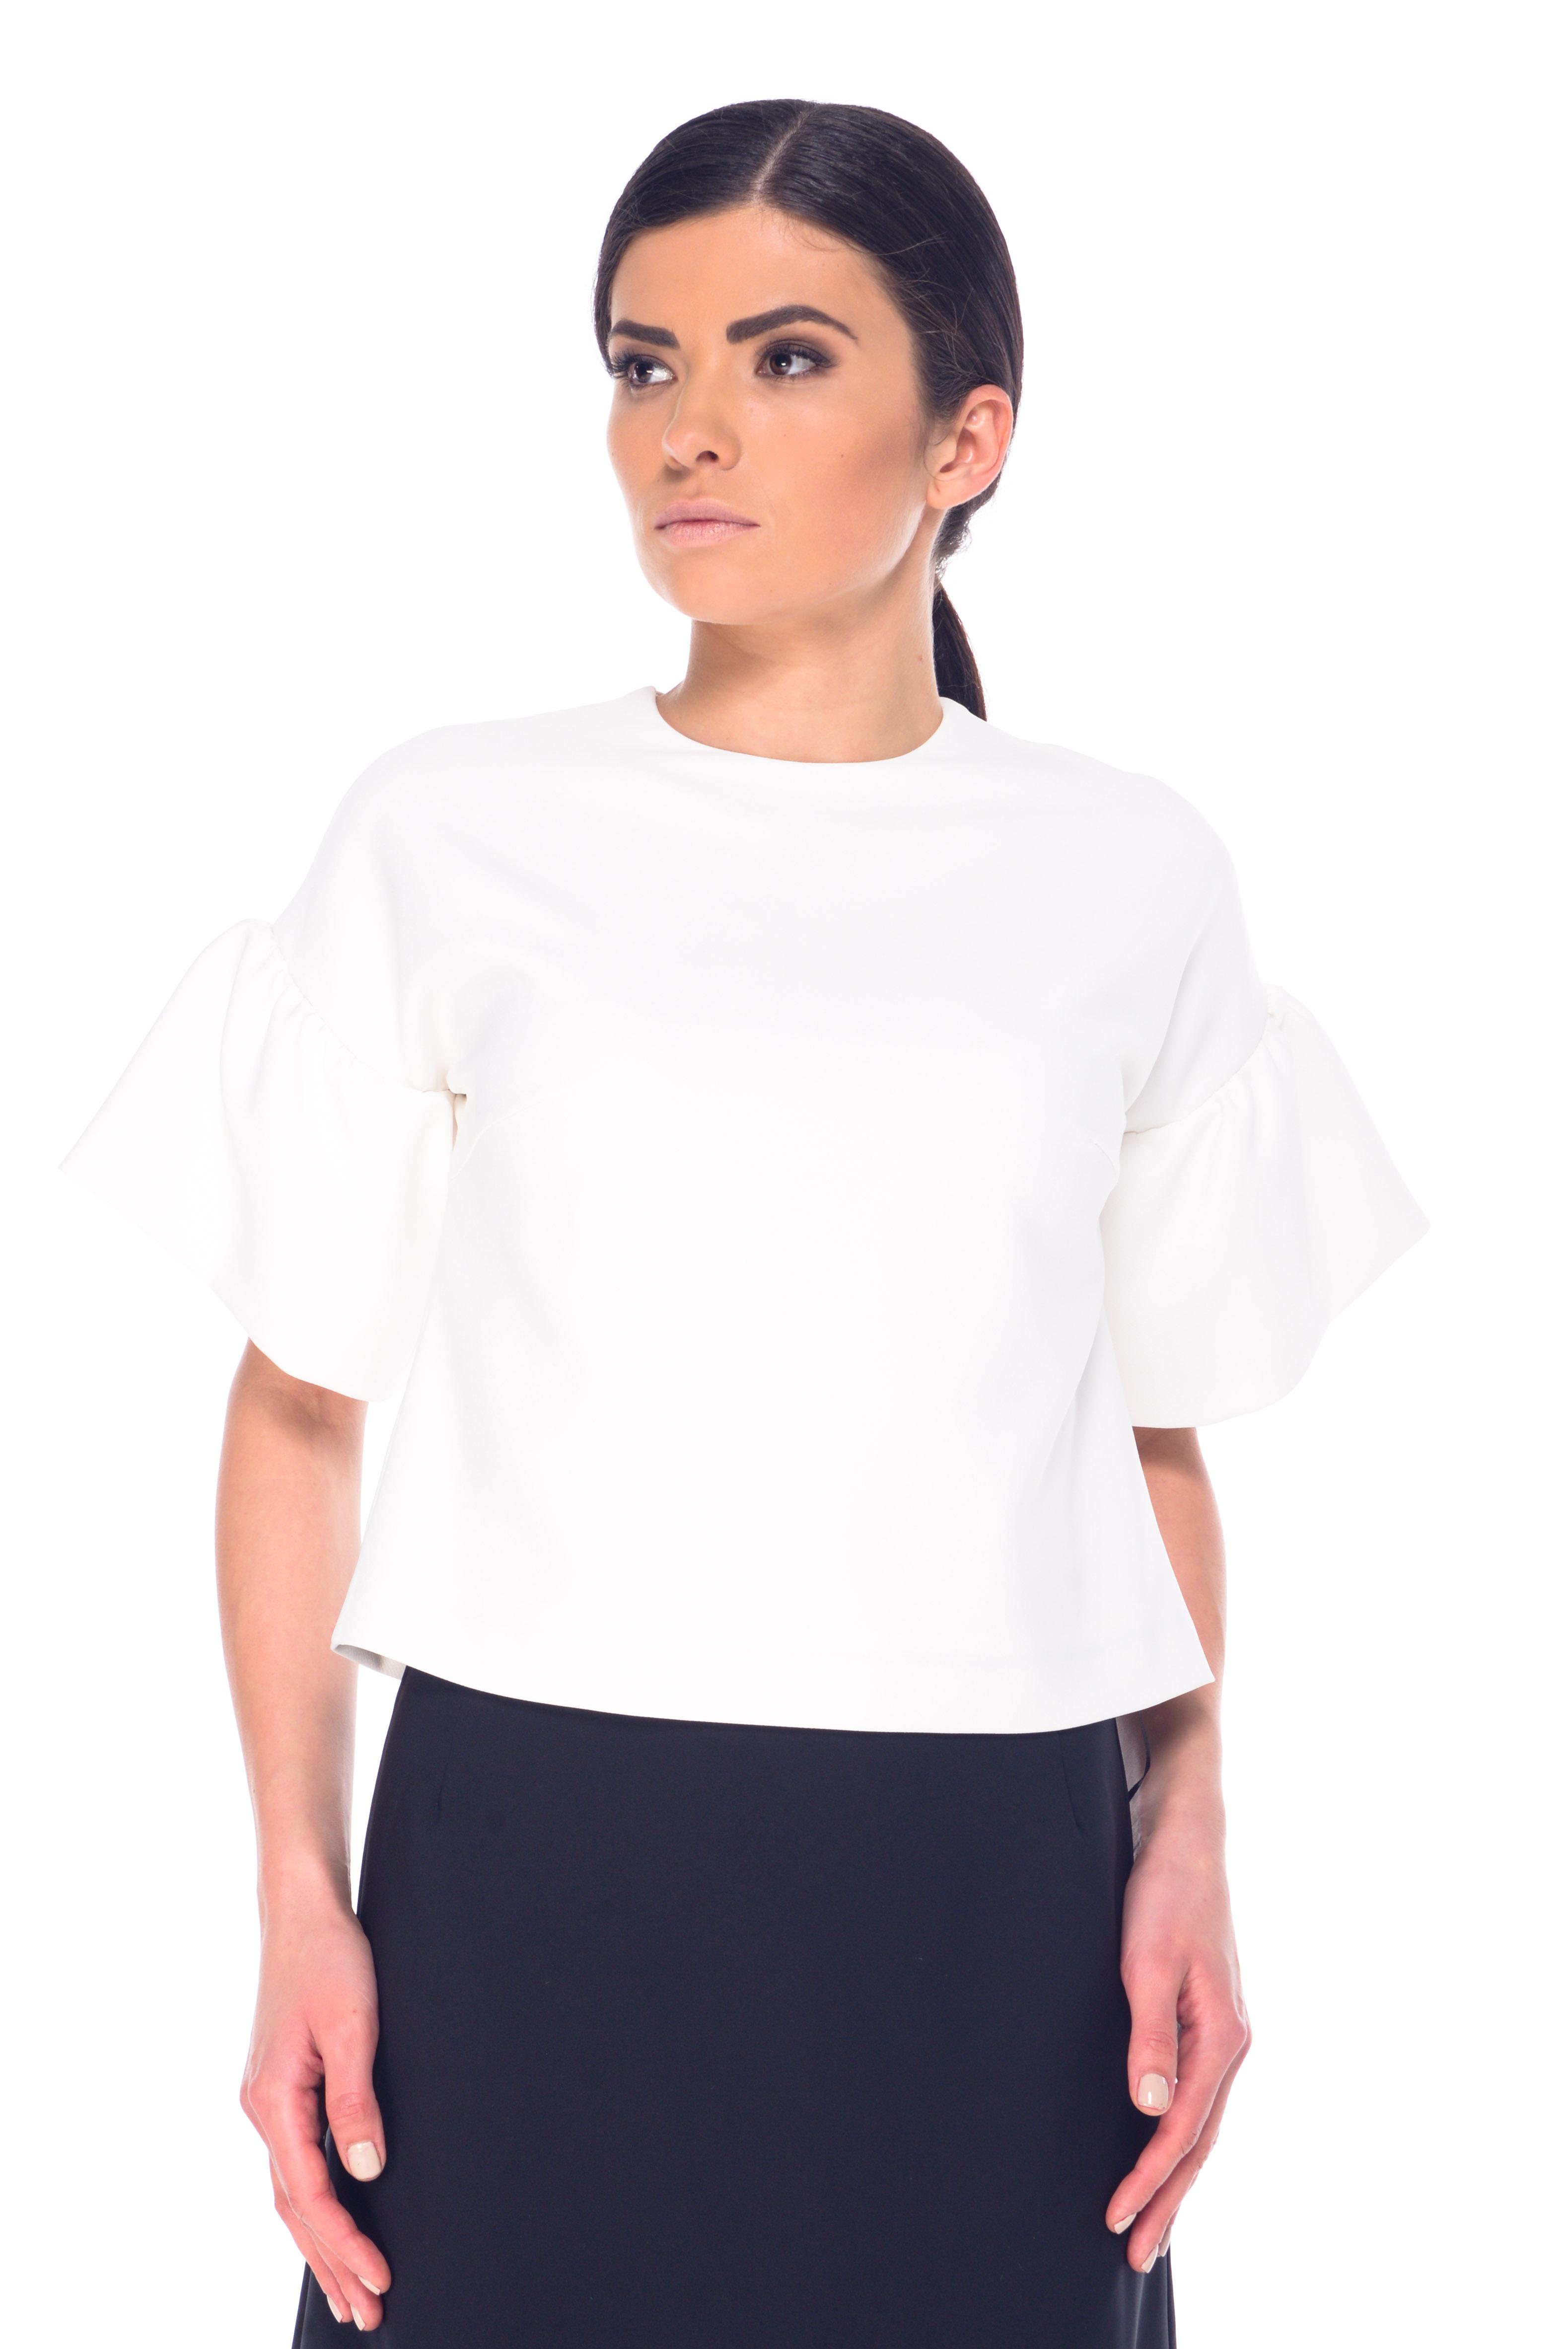 БлузкаL 7062Женская блузка Arefeva выполнена из полиэстера с добавлением спандекса. Перед модели дополнен легкой подкладкой из полиэстера. Блузка с круглым вырезом горловины и рукавами-тюльпанами застегивается на навесную пуговичку на спинке.